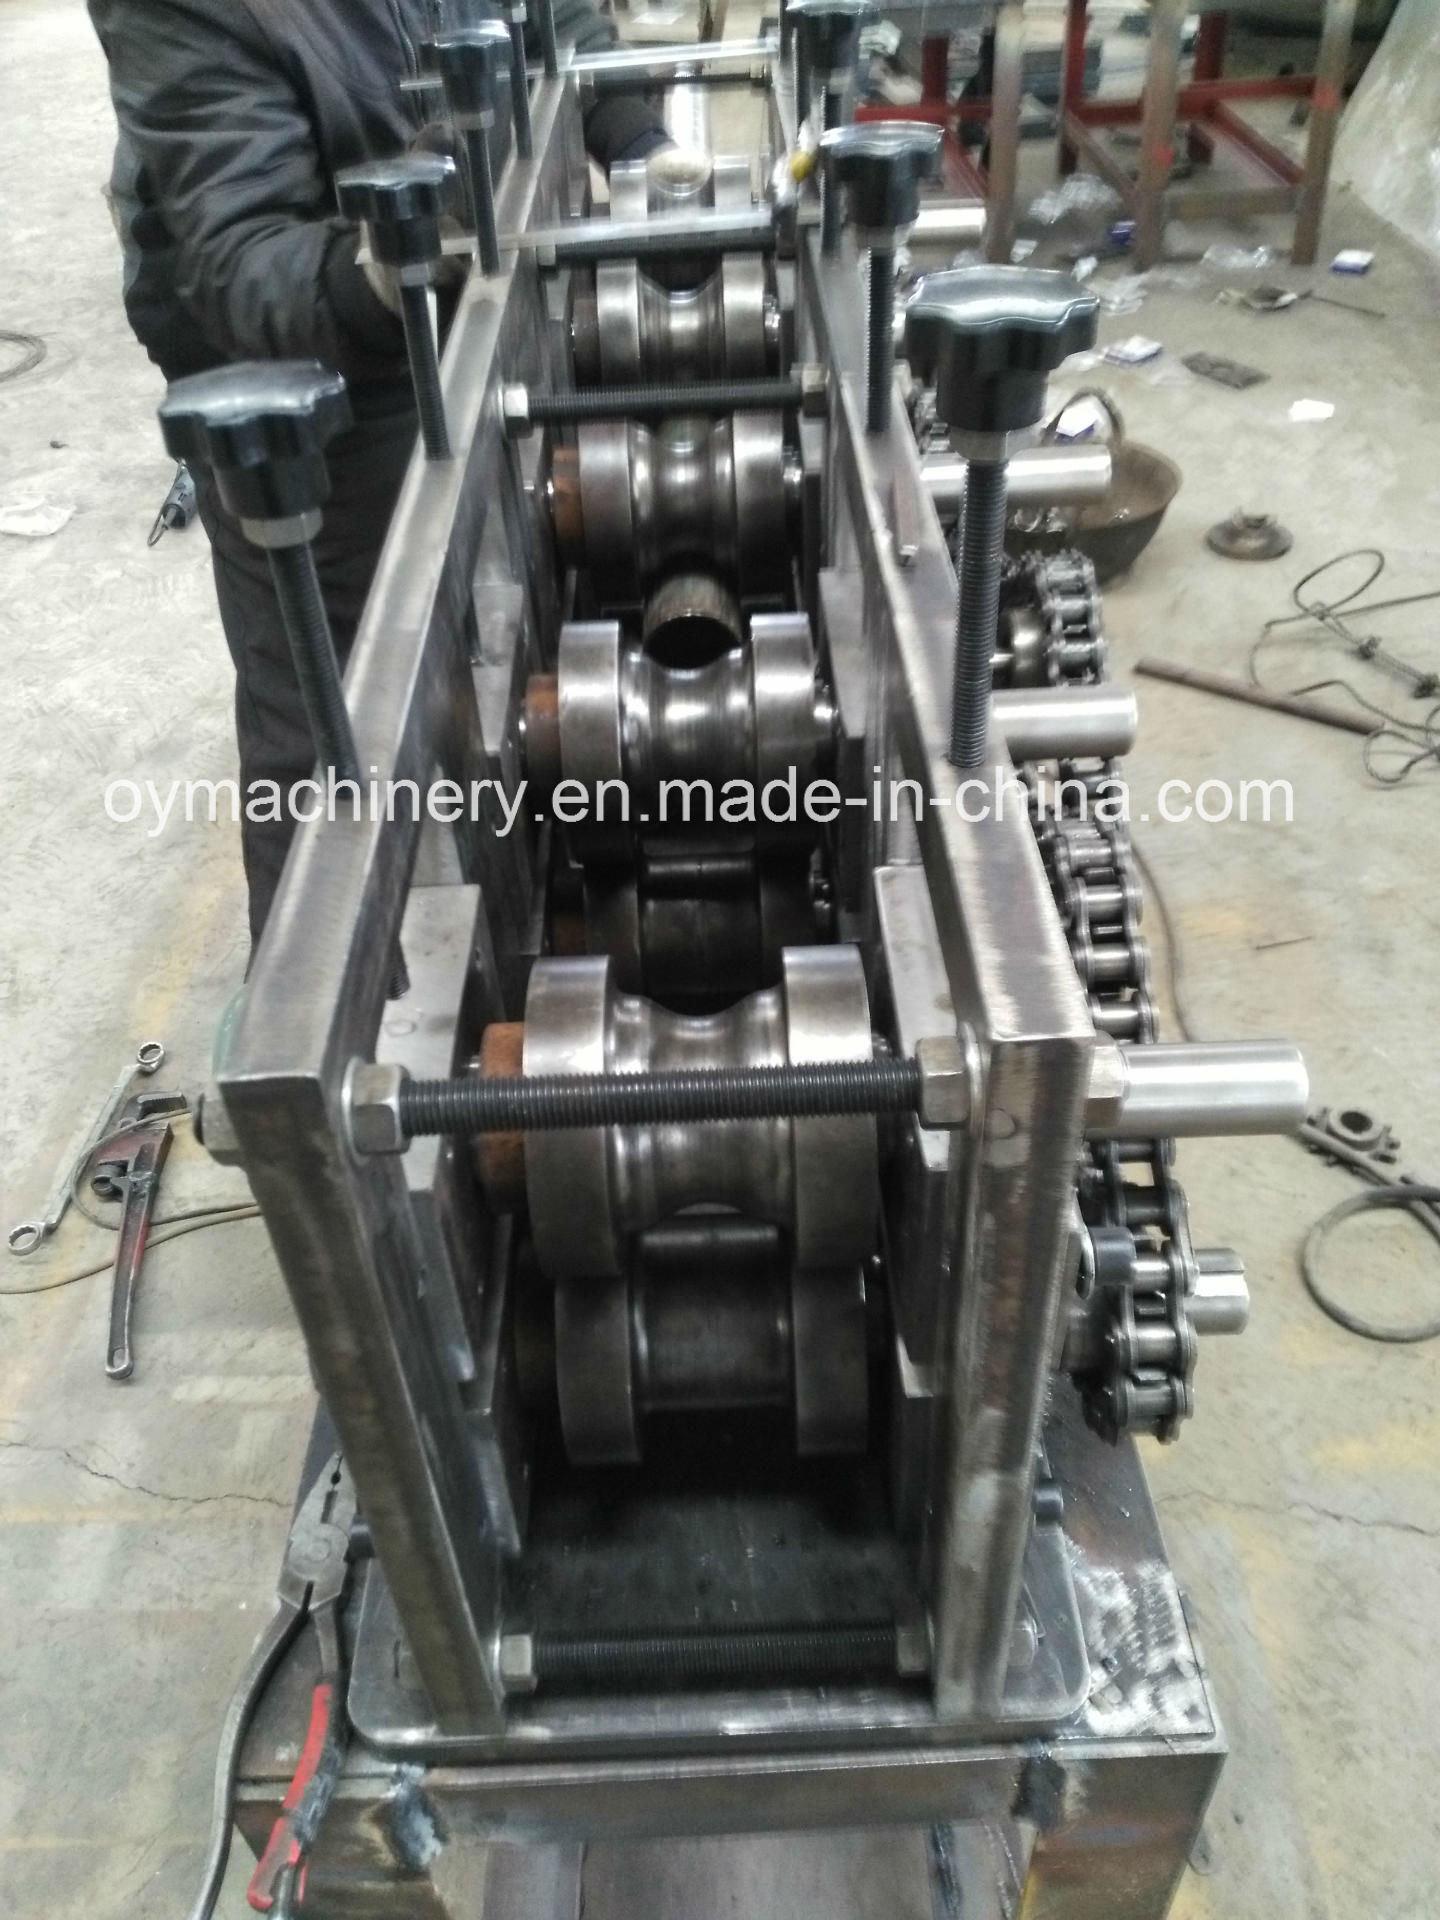 Handrail Pipe Forming Machine/Staircase Handrail Making Machine